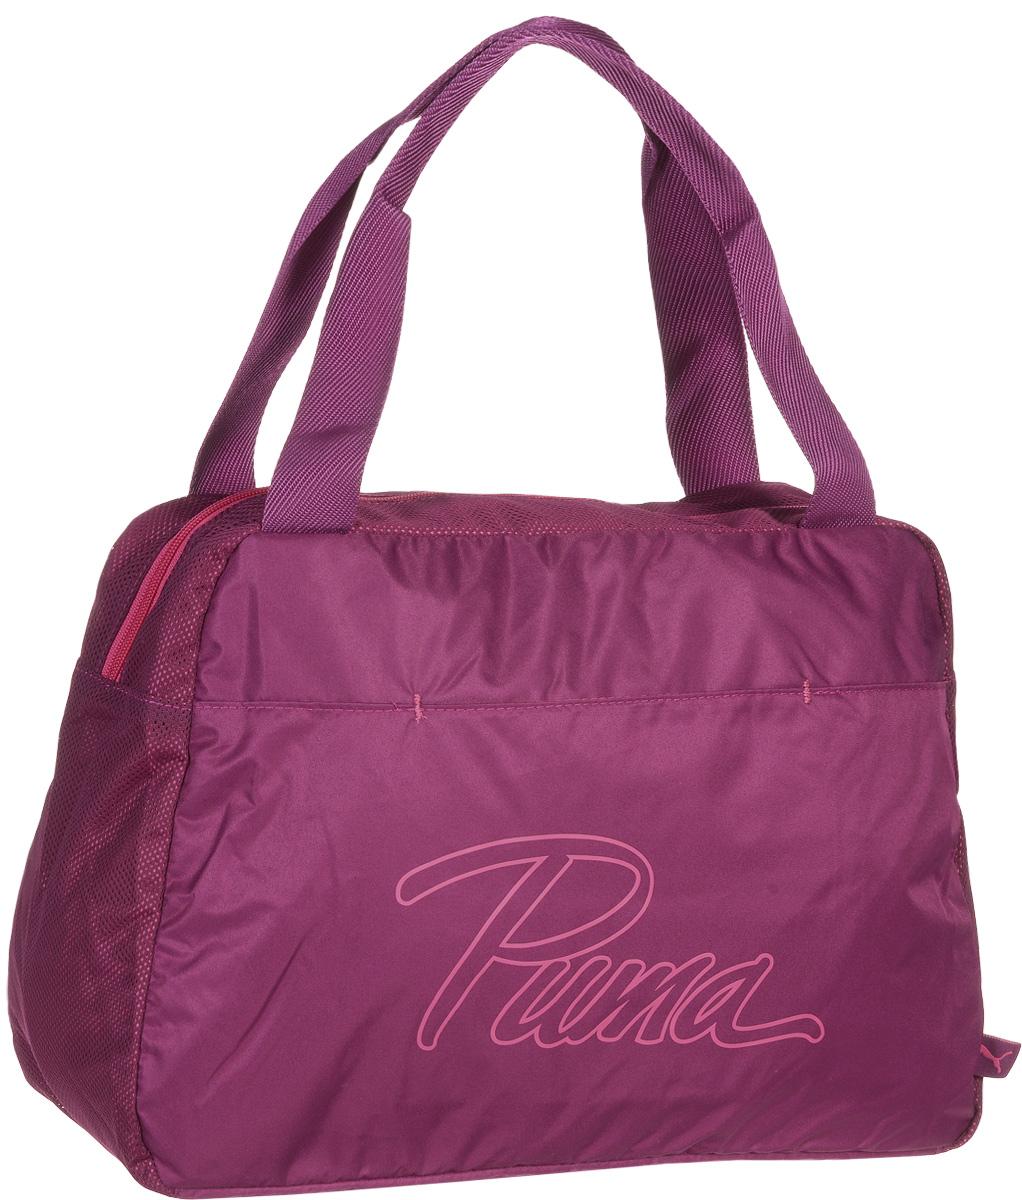 Сумка женская Puma Core Grip Bag, цвет: фуксия. 0737960507379605Сумка PUMA Core Grip Bag - удобная сумка для небольших путешествий, прогулок или работы. В ее вместительном основном отделении вы сможете хранить все нужные вам вещи, а в специальный внутренний карман для мелочей положить ключи и мобильный телефон, чтобы не искать их среди прочих вещей. Главное отделение на молнии открывается с двух сторон. Изделие оснащено накладным карманом спереди, карманом на молнии и накладным карманом внутри главного отделения, а также функциональной подкладкой из полиэстера с изнанкой из полиуретана. Строгий и стильный дизайн этой сумки дополнен логотипом Puma. Удобные ручки из ткани обладают высокой прочностью, а дно сумки держит форму. Основанный в 1948 году бренд Puma стал выбором многих героев мирового спорта. Дизайн Puma сосредоточен на стиле и функциональности моделей, поэтому коллекции брендовой одежды и обуви сочетают современный стиль с инновационными спортивными технологиями.